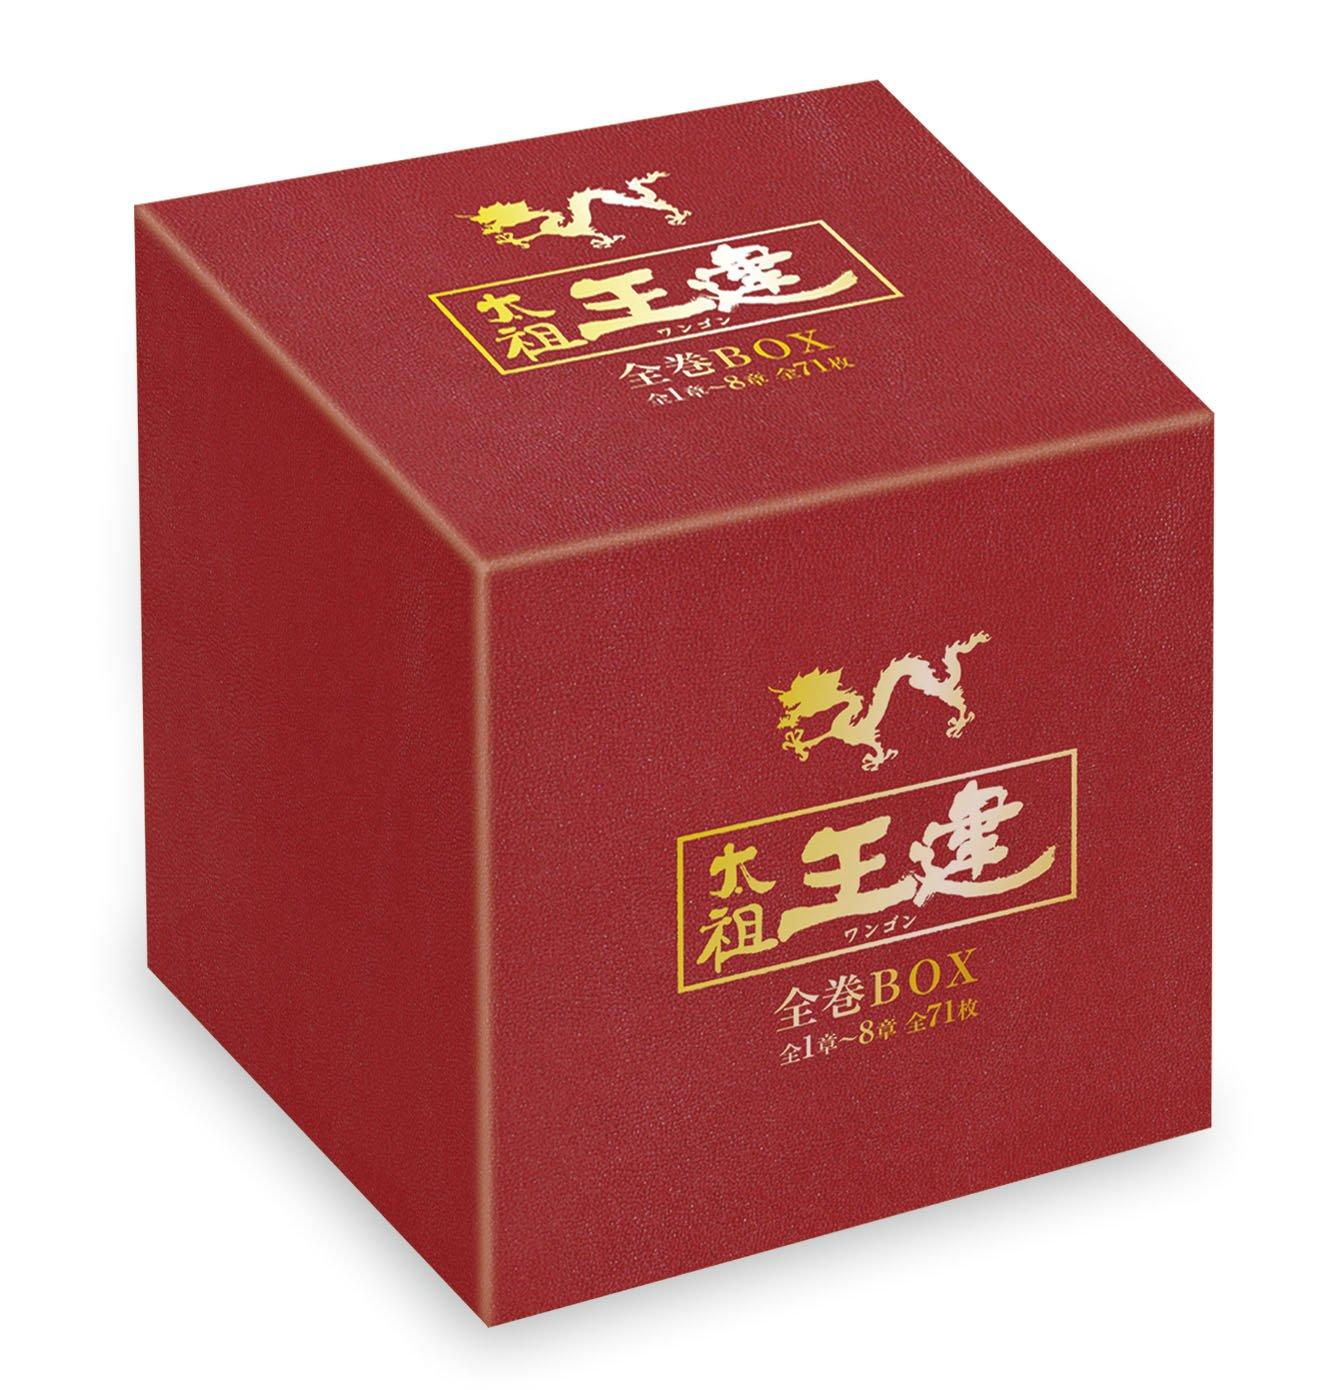 太祖王建(ワンゴン) 全巻BOX(1章~8章全71巻) [DVD] B00428M3RO